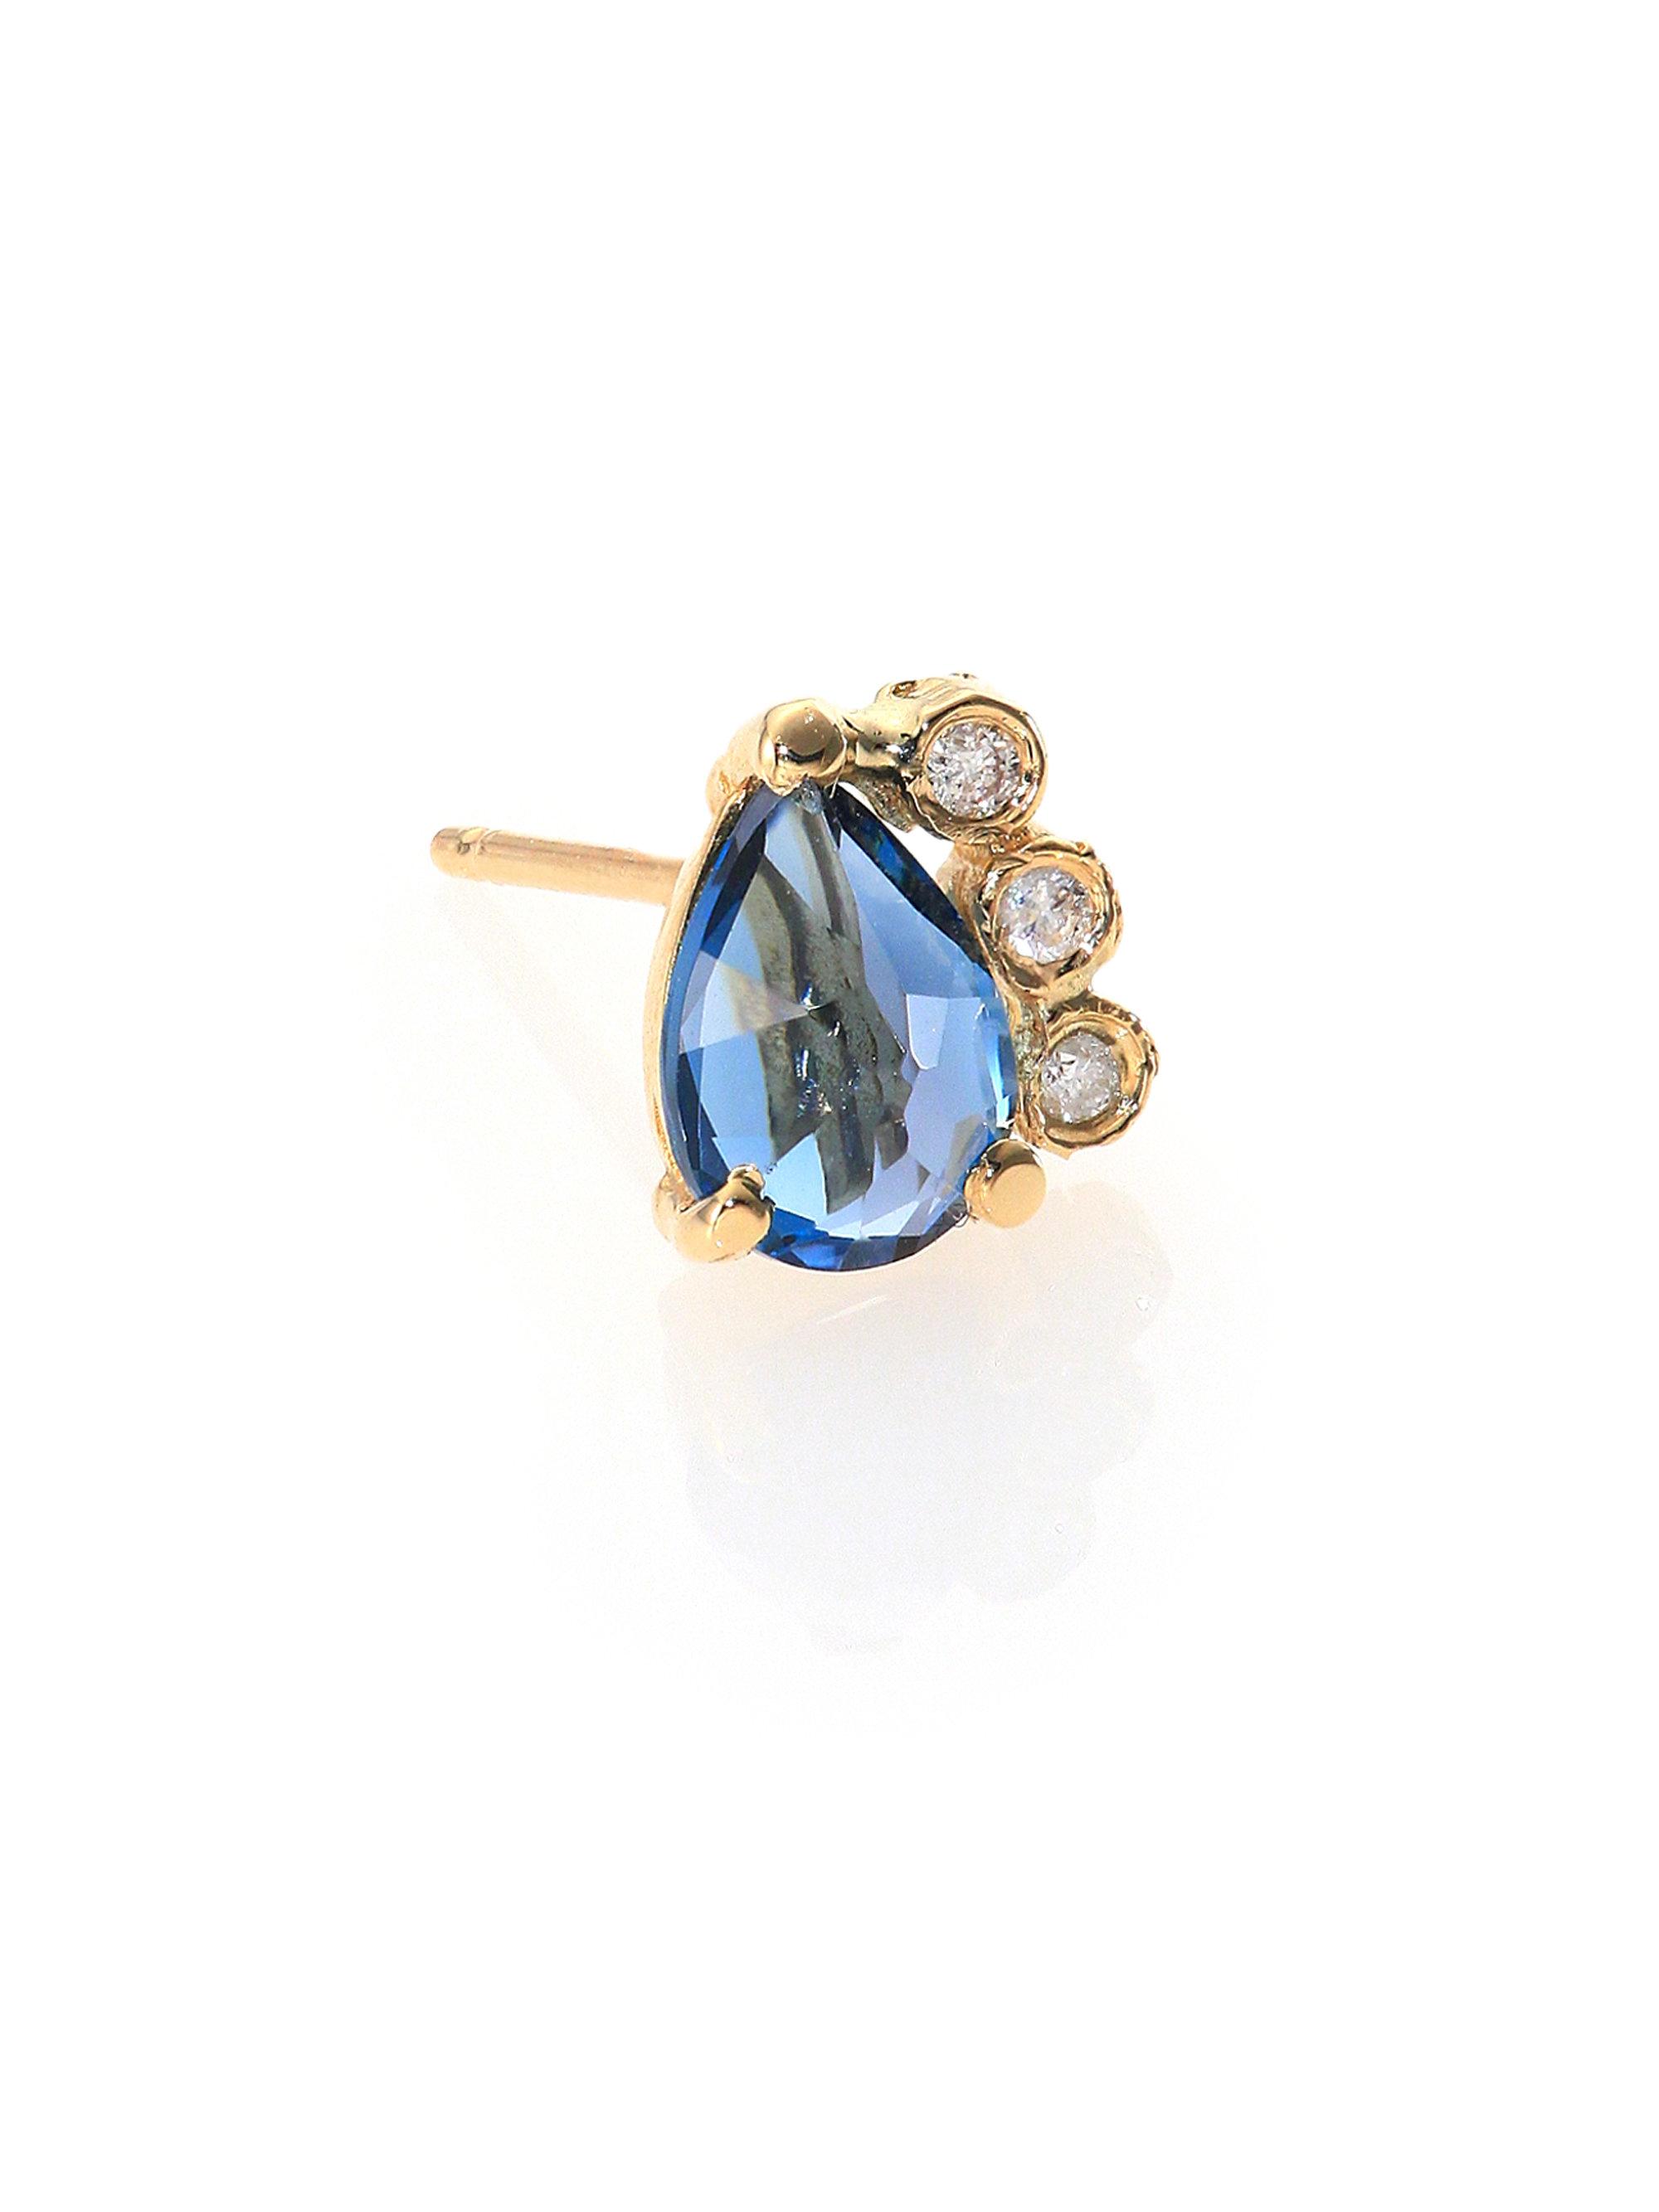 jewish single women in blue diamond Zoosk is a fun simple way to meet las vegas jewish single women online interested in dating meet single jewish women in las vegas on blue diamond sloan.